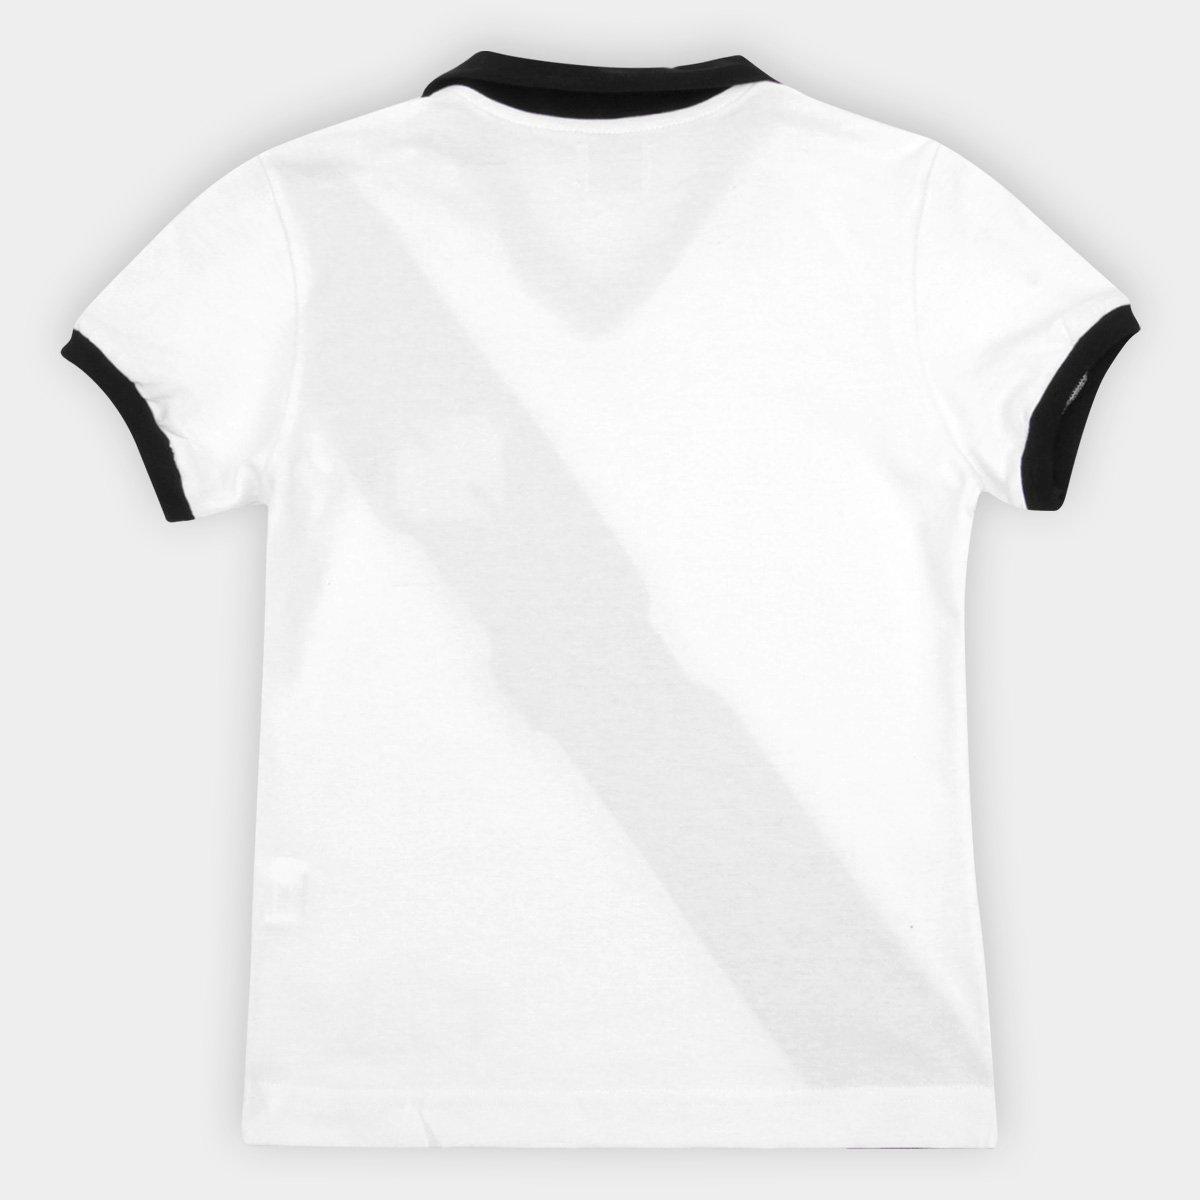 Camiseta Vasco Juvenil Retrô Mania 1988 - Branco e Preto - Compre ... 6840e87d0d148